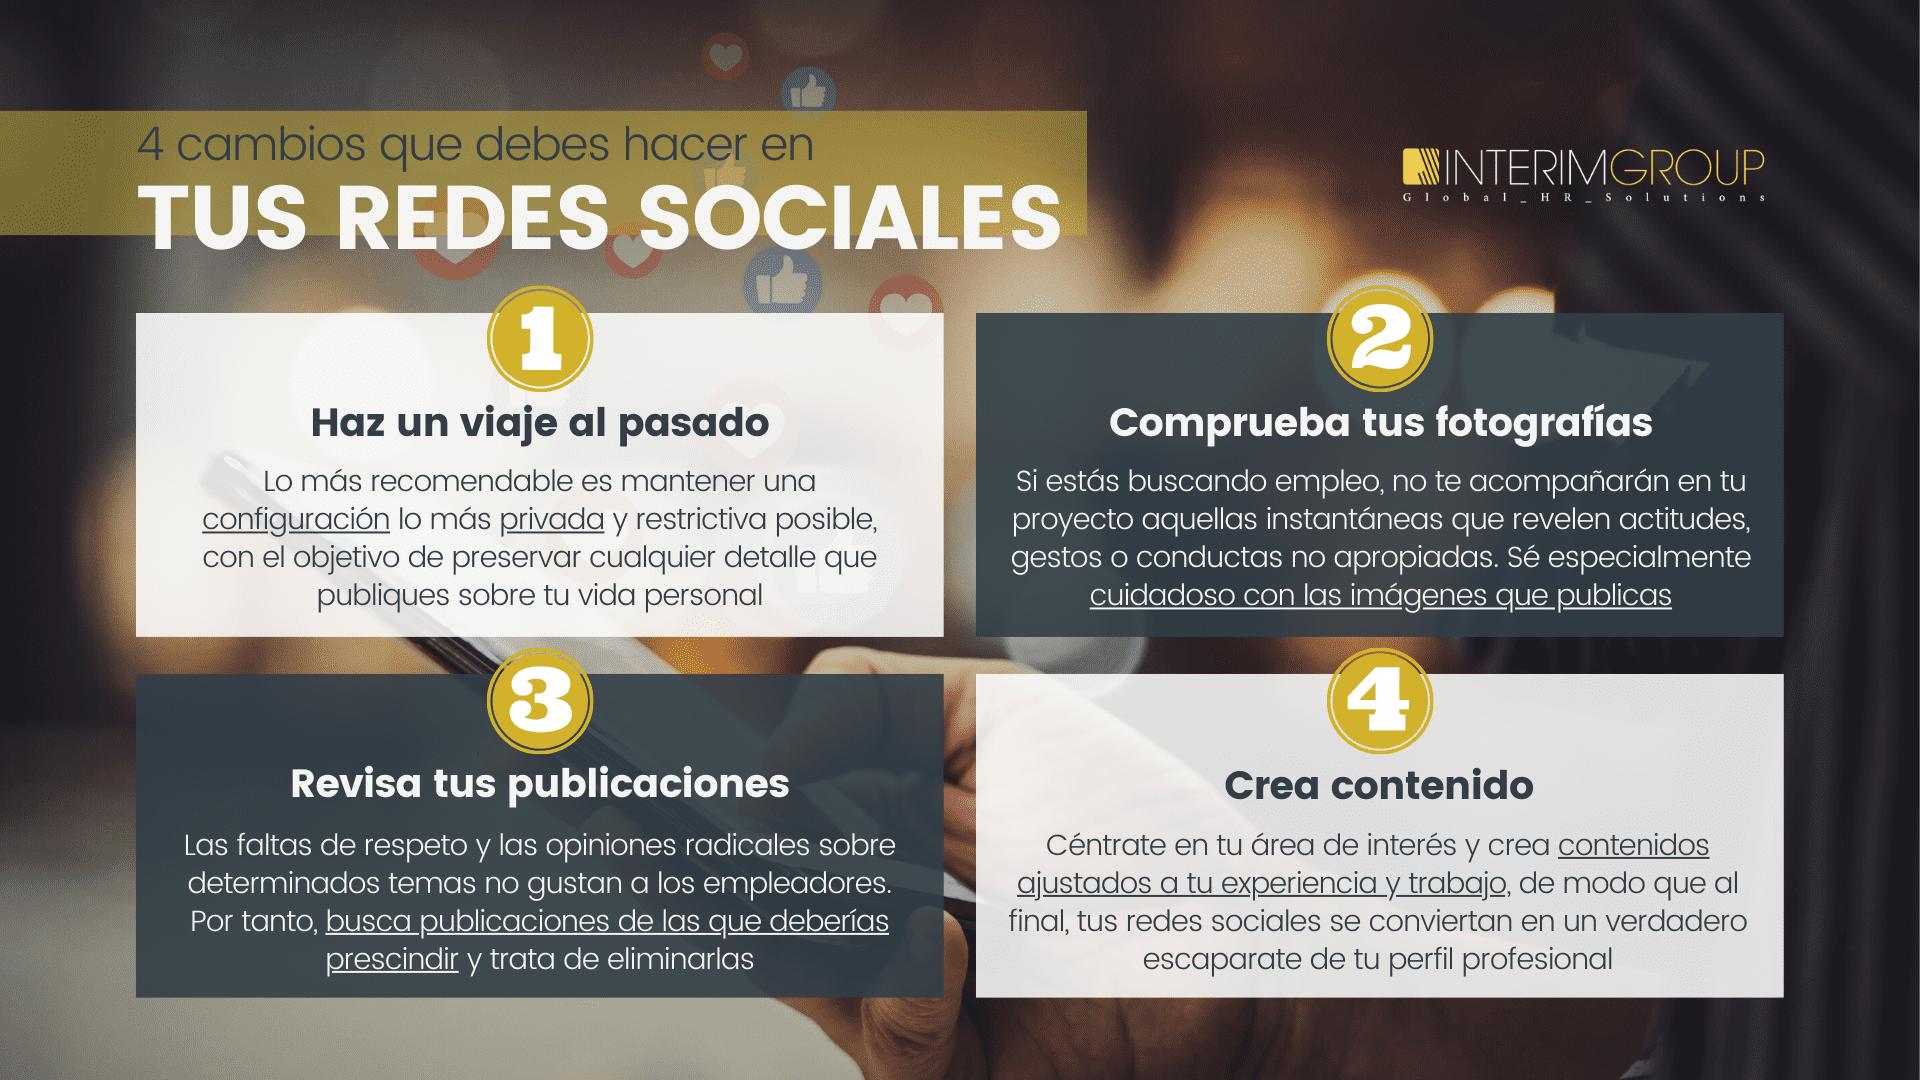 redes-sociales-cambios_INTERIM-GROUP